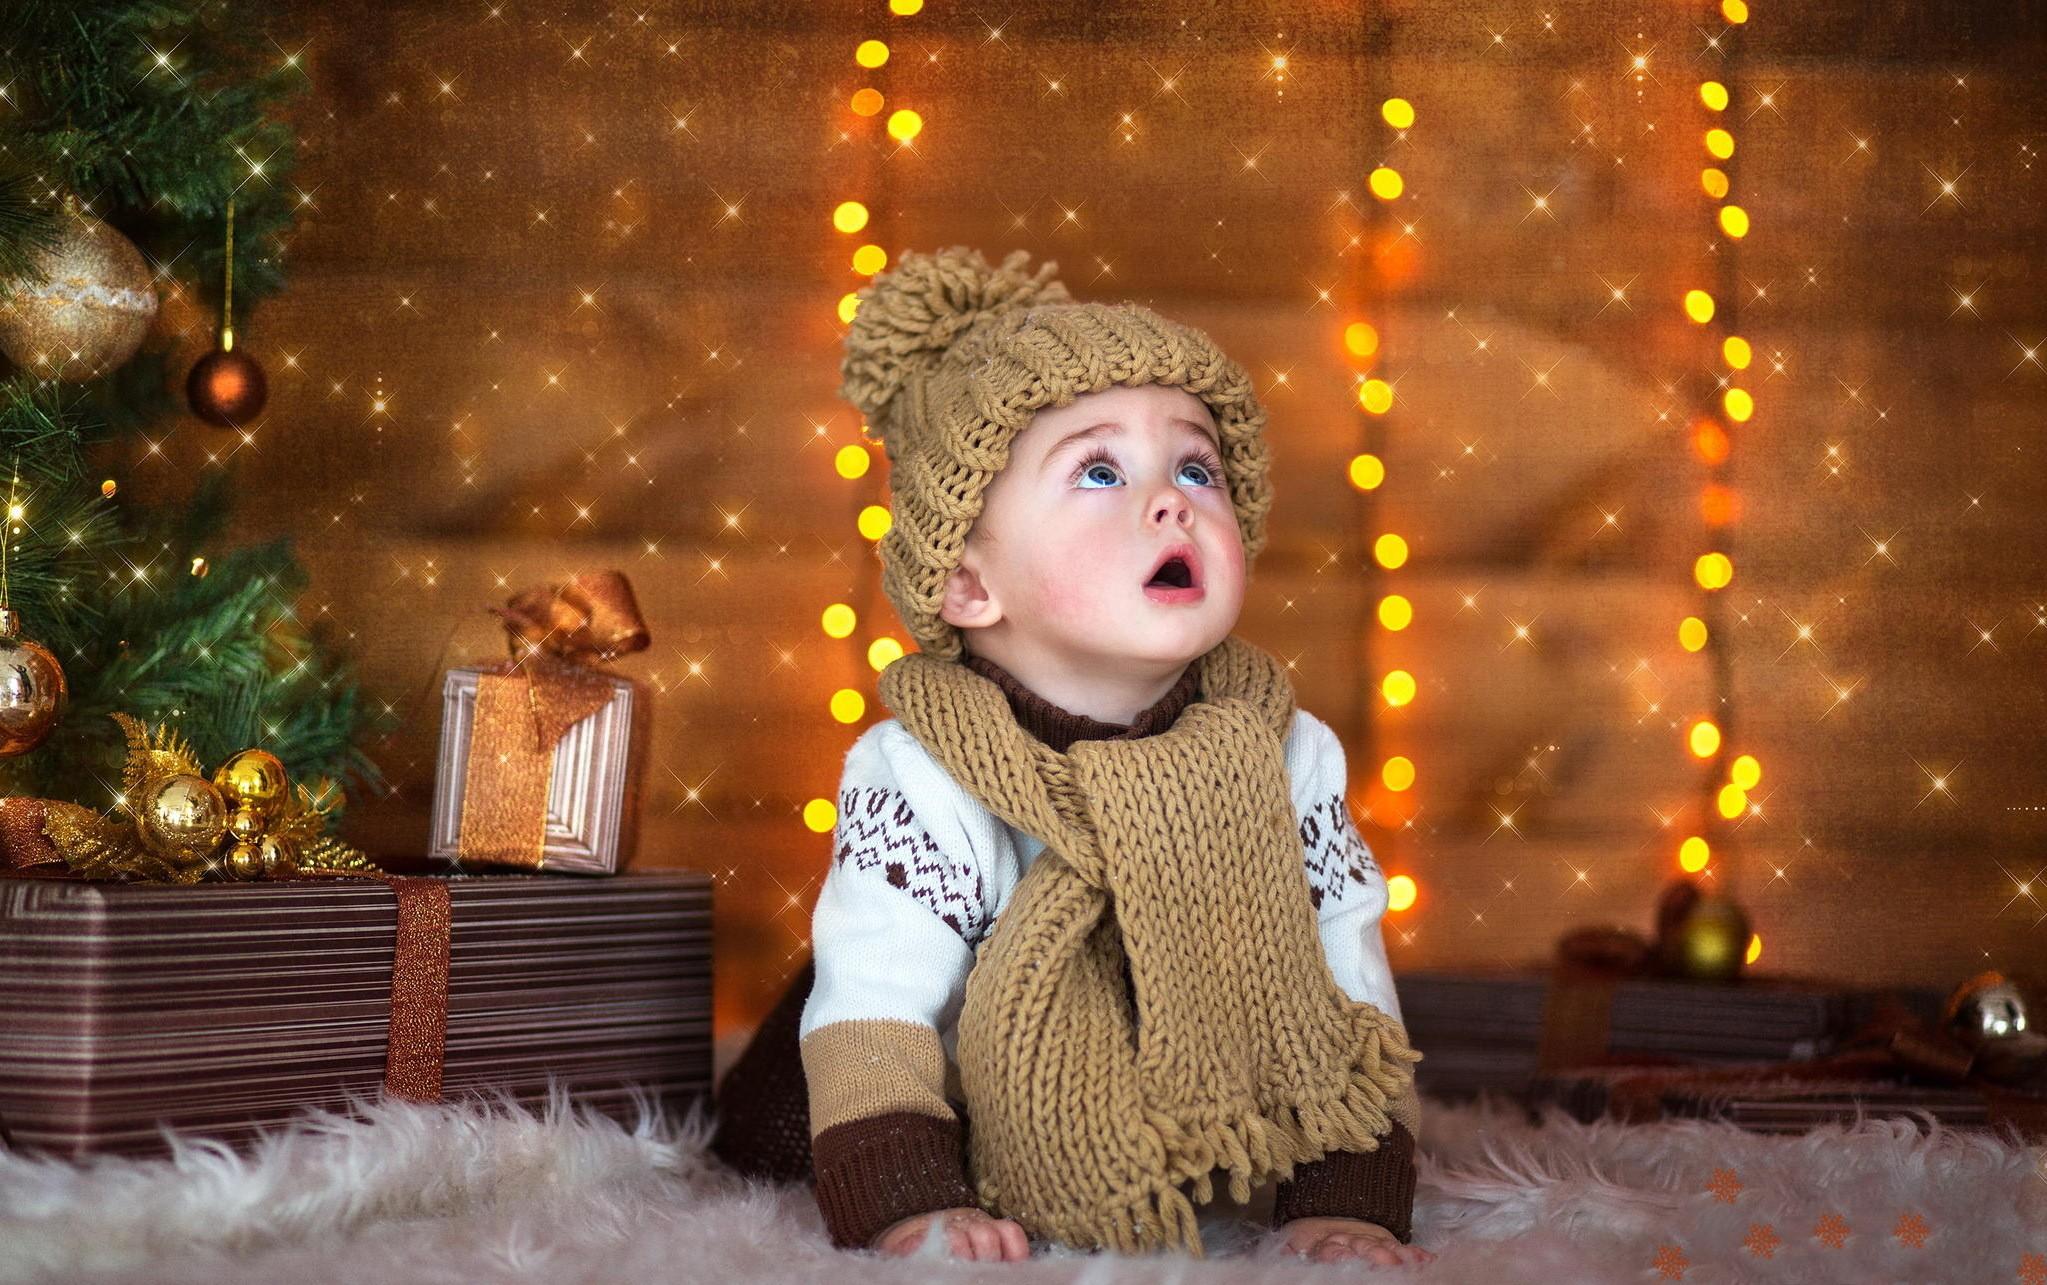 За що діти обожнюють зимові канікули? Позитивчик